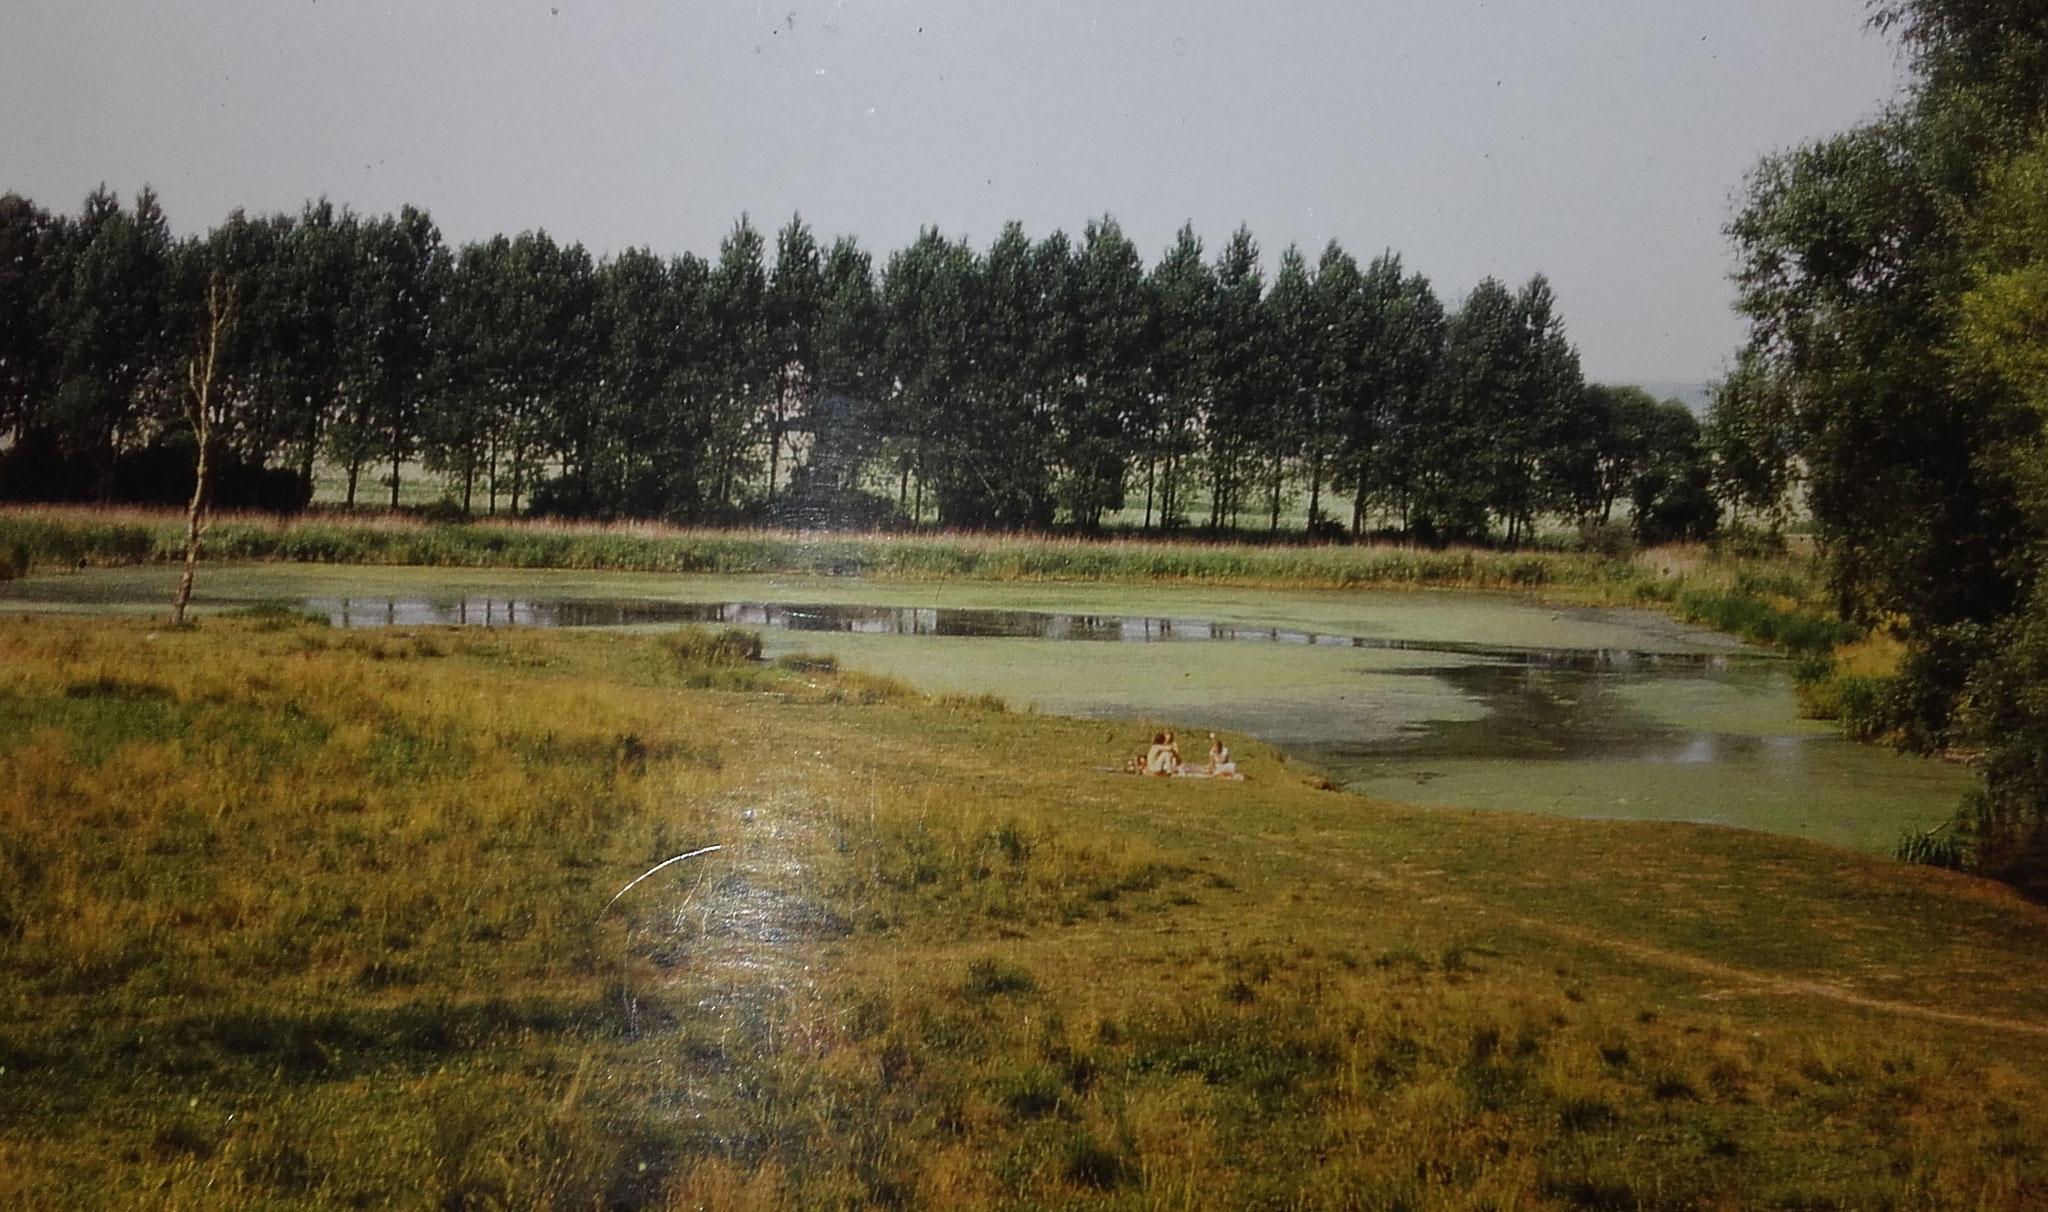 Ein Picknick mit lärmenden Fröschen die man bis nach Wangenheim hören konnte.